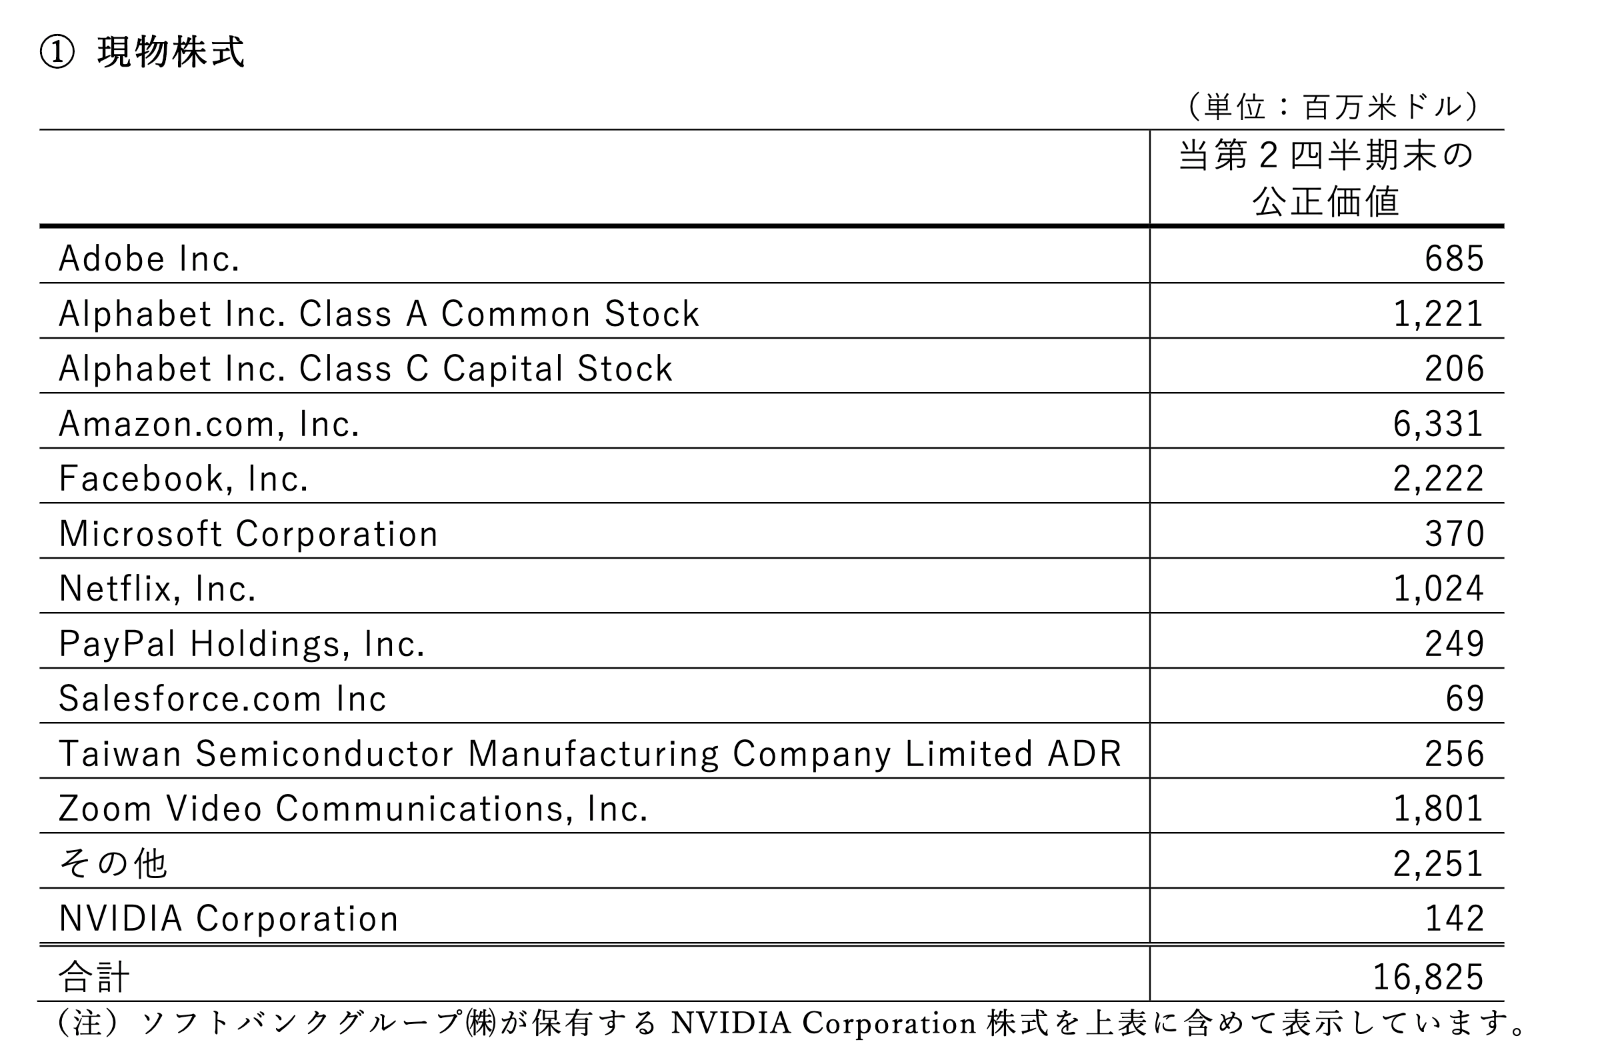 ソフトバンクグループの自己資金での上場株投資状況と損益(SB Northstar:SBノーススター)